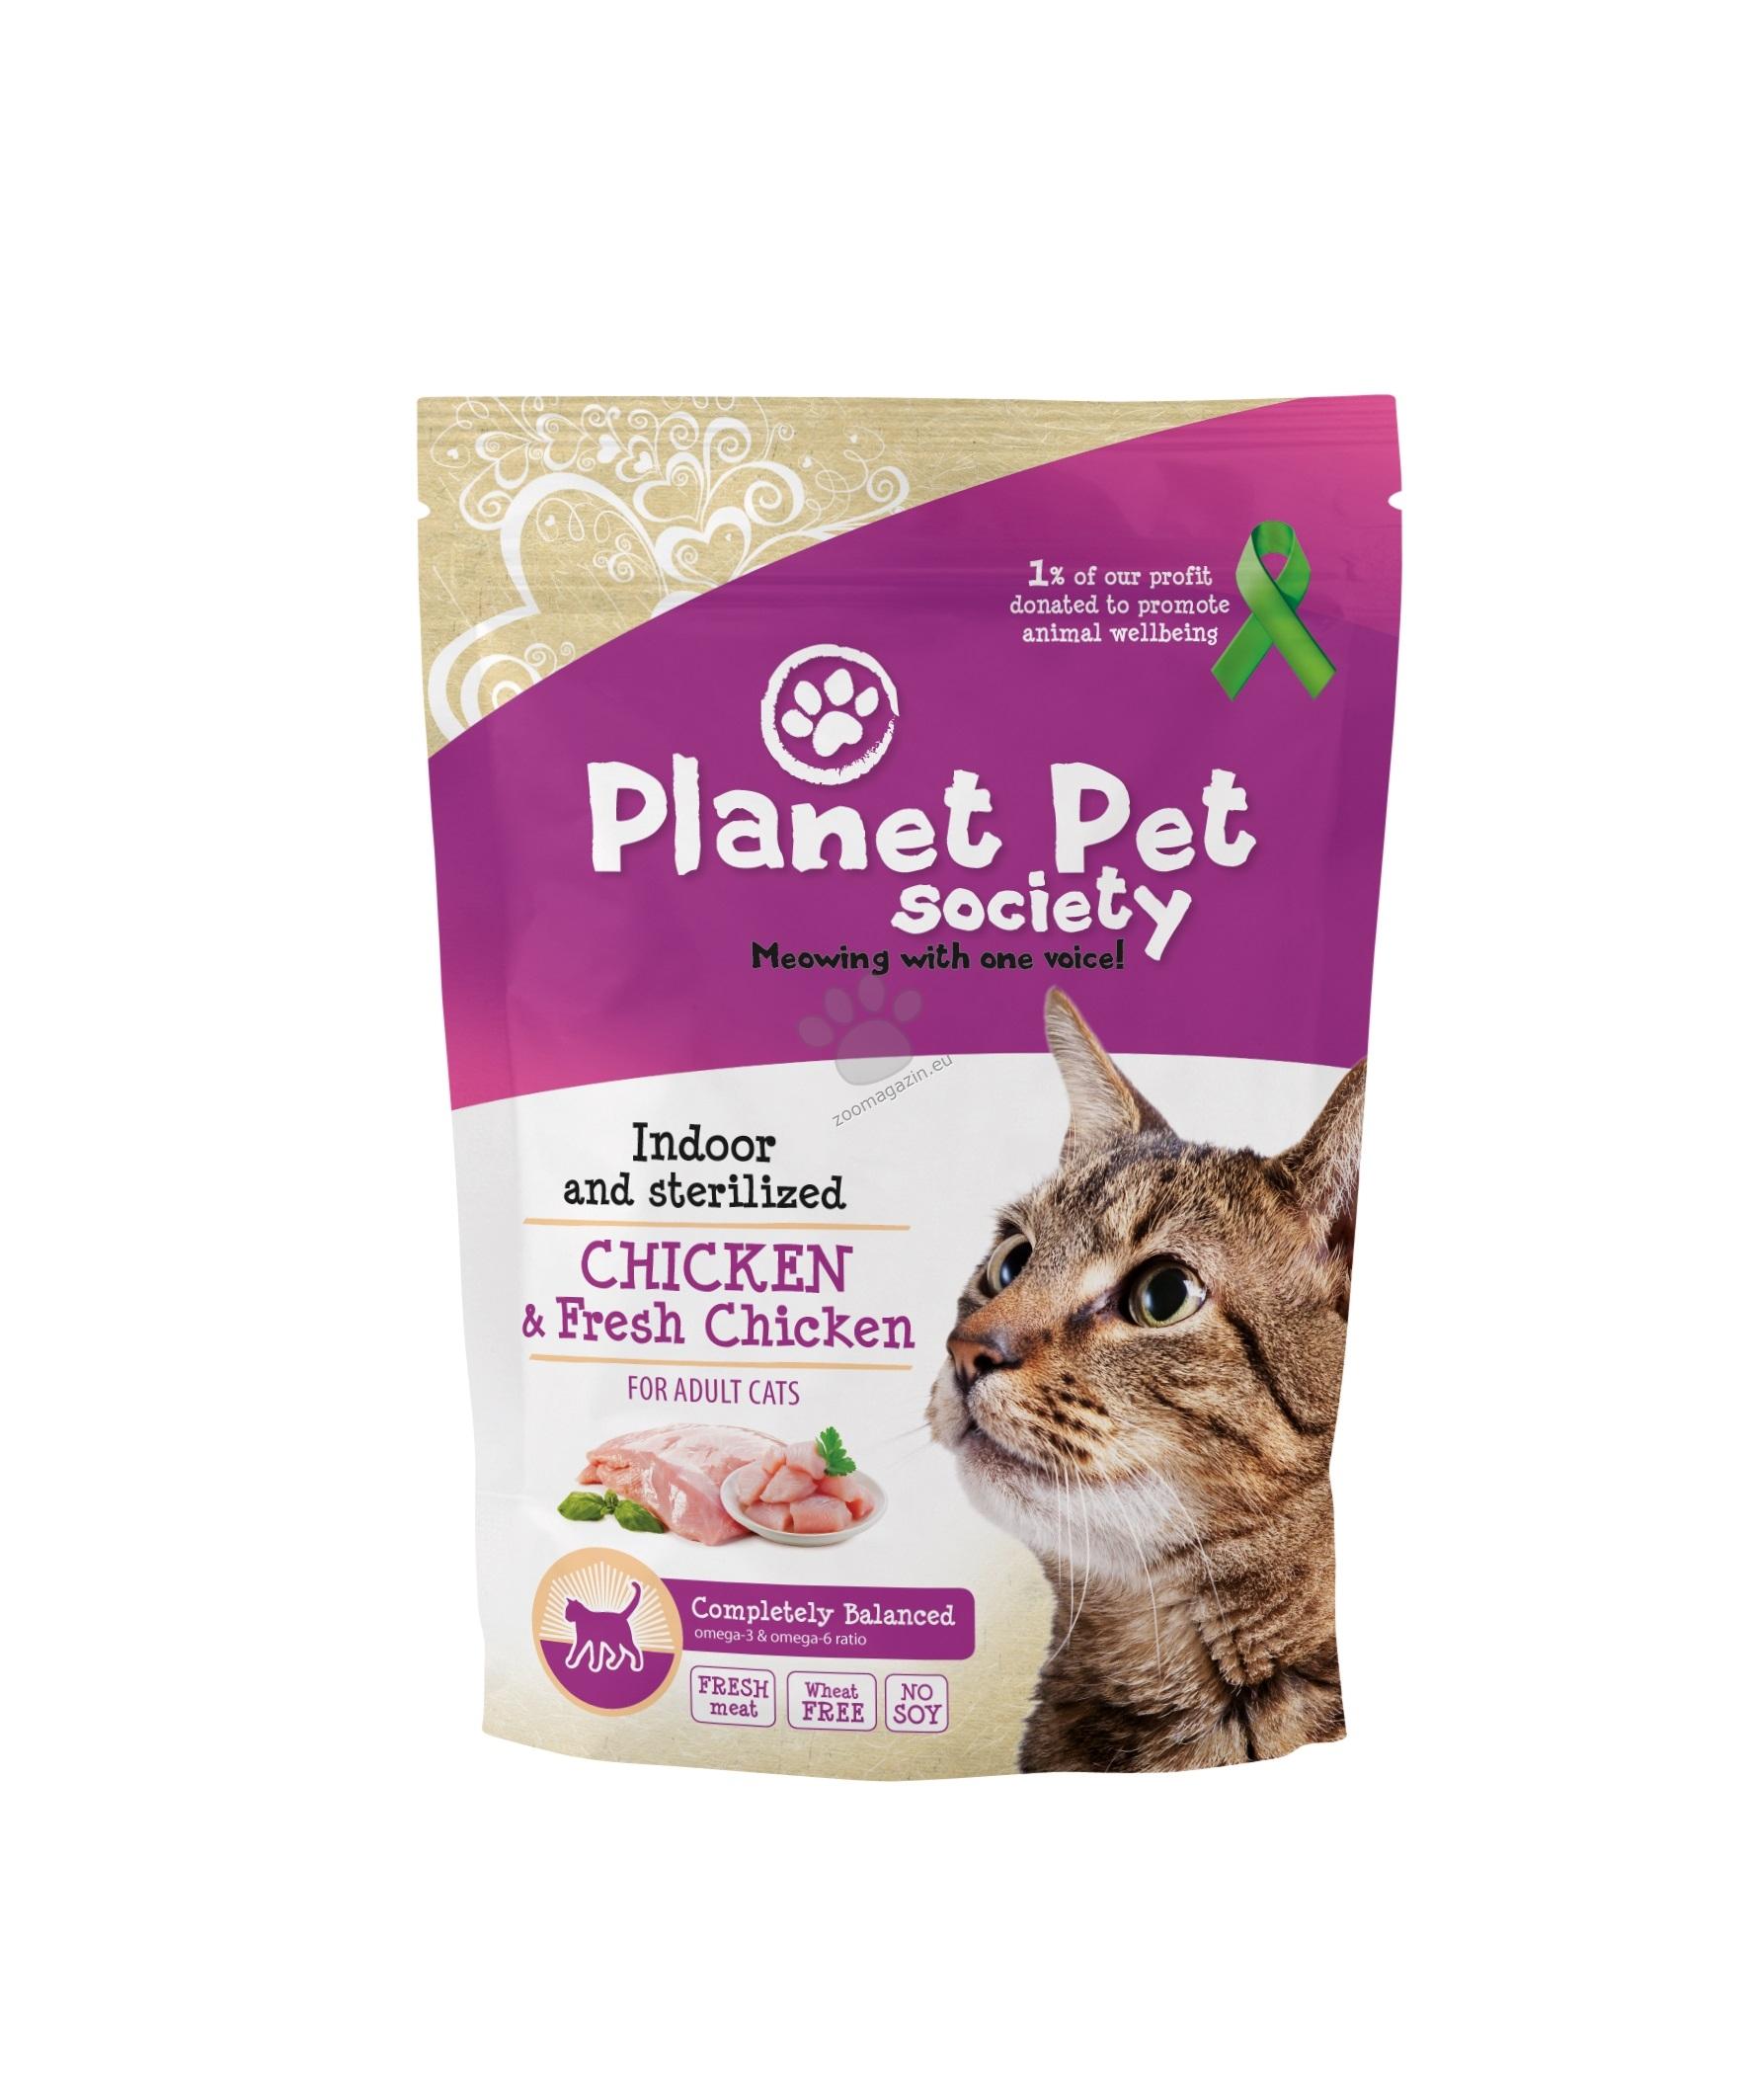 Planet Pet Chicken for Indoor and Sterilized Cats - пълноценна храна с пилешко месо, за кастрирани или отглеждани на закрито котки 1.5 кг.